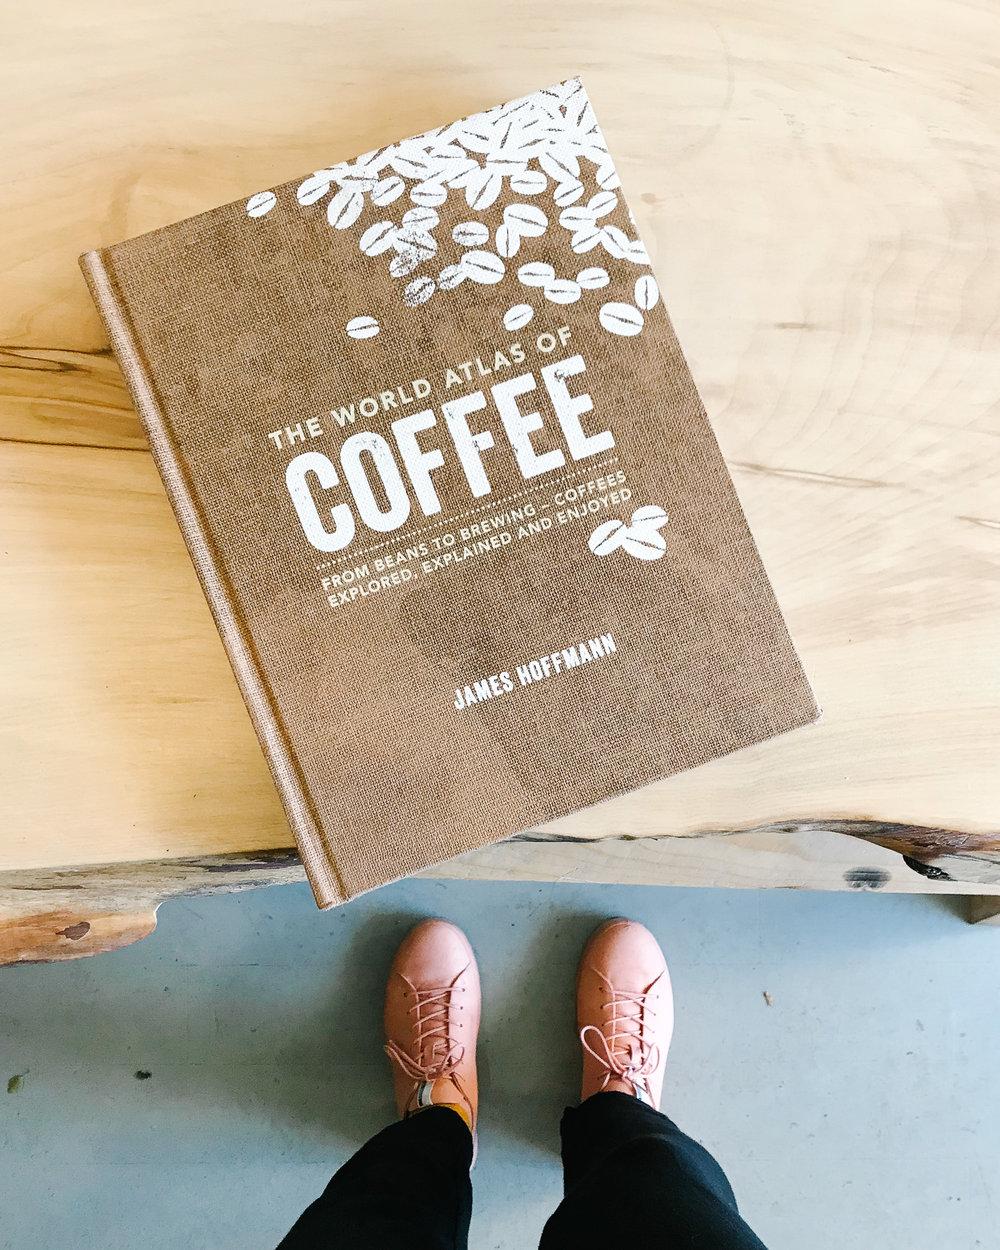 Little Fitzroy (atlas of coffee)